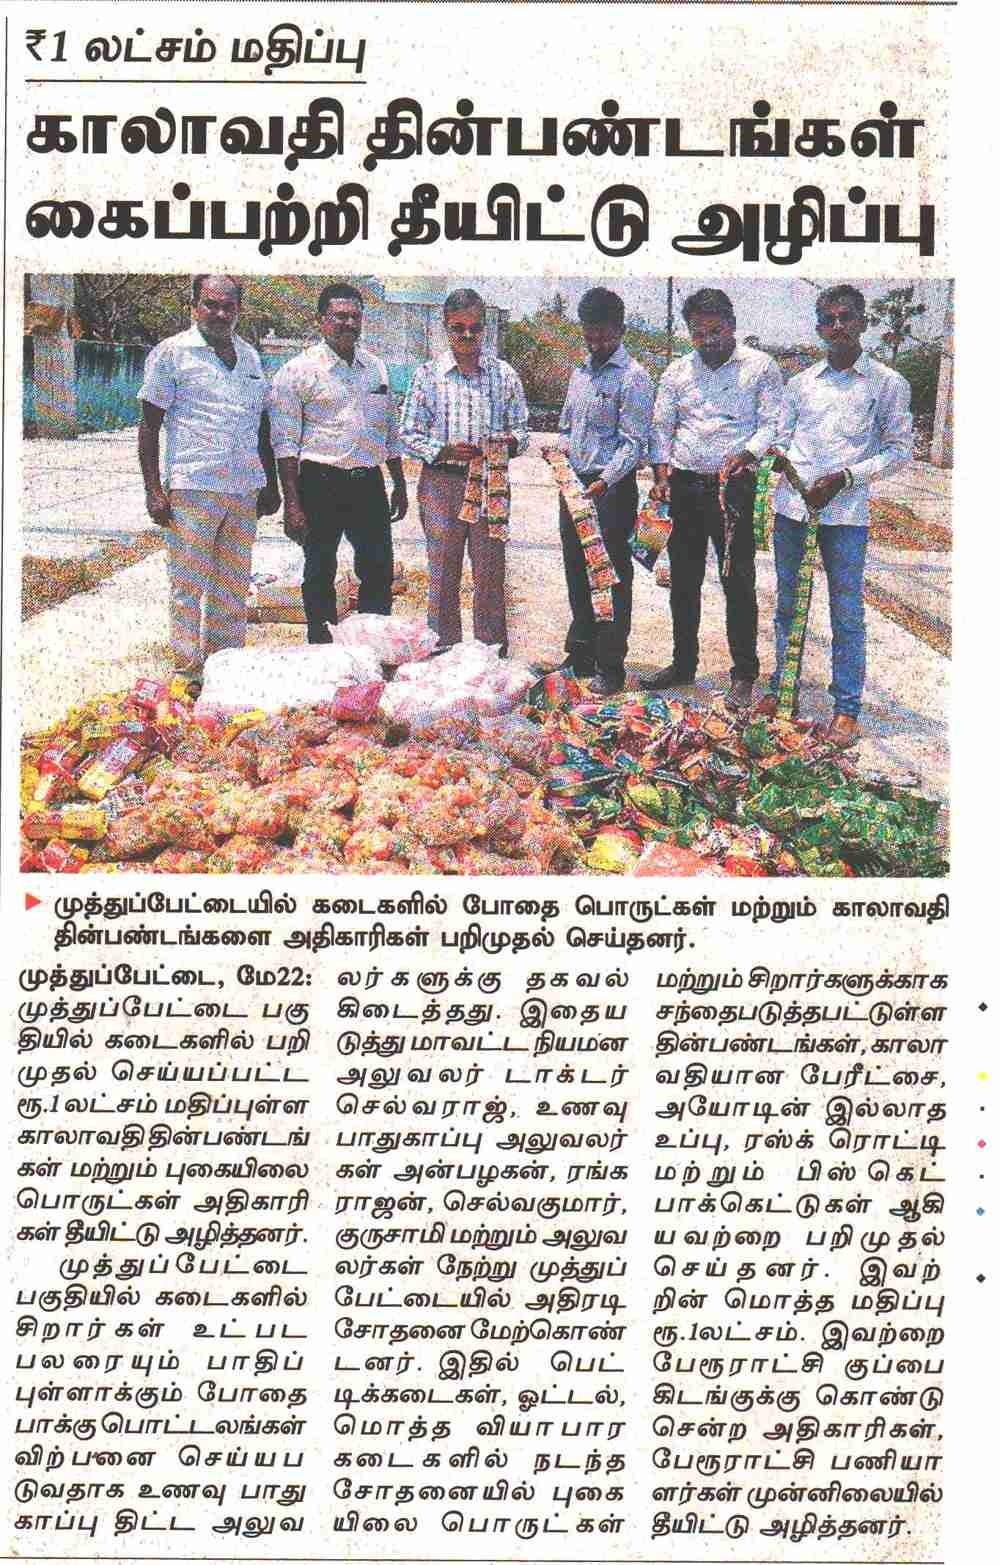 Dhinakaran - 22.05.2017 - Thiruvarur.